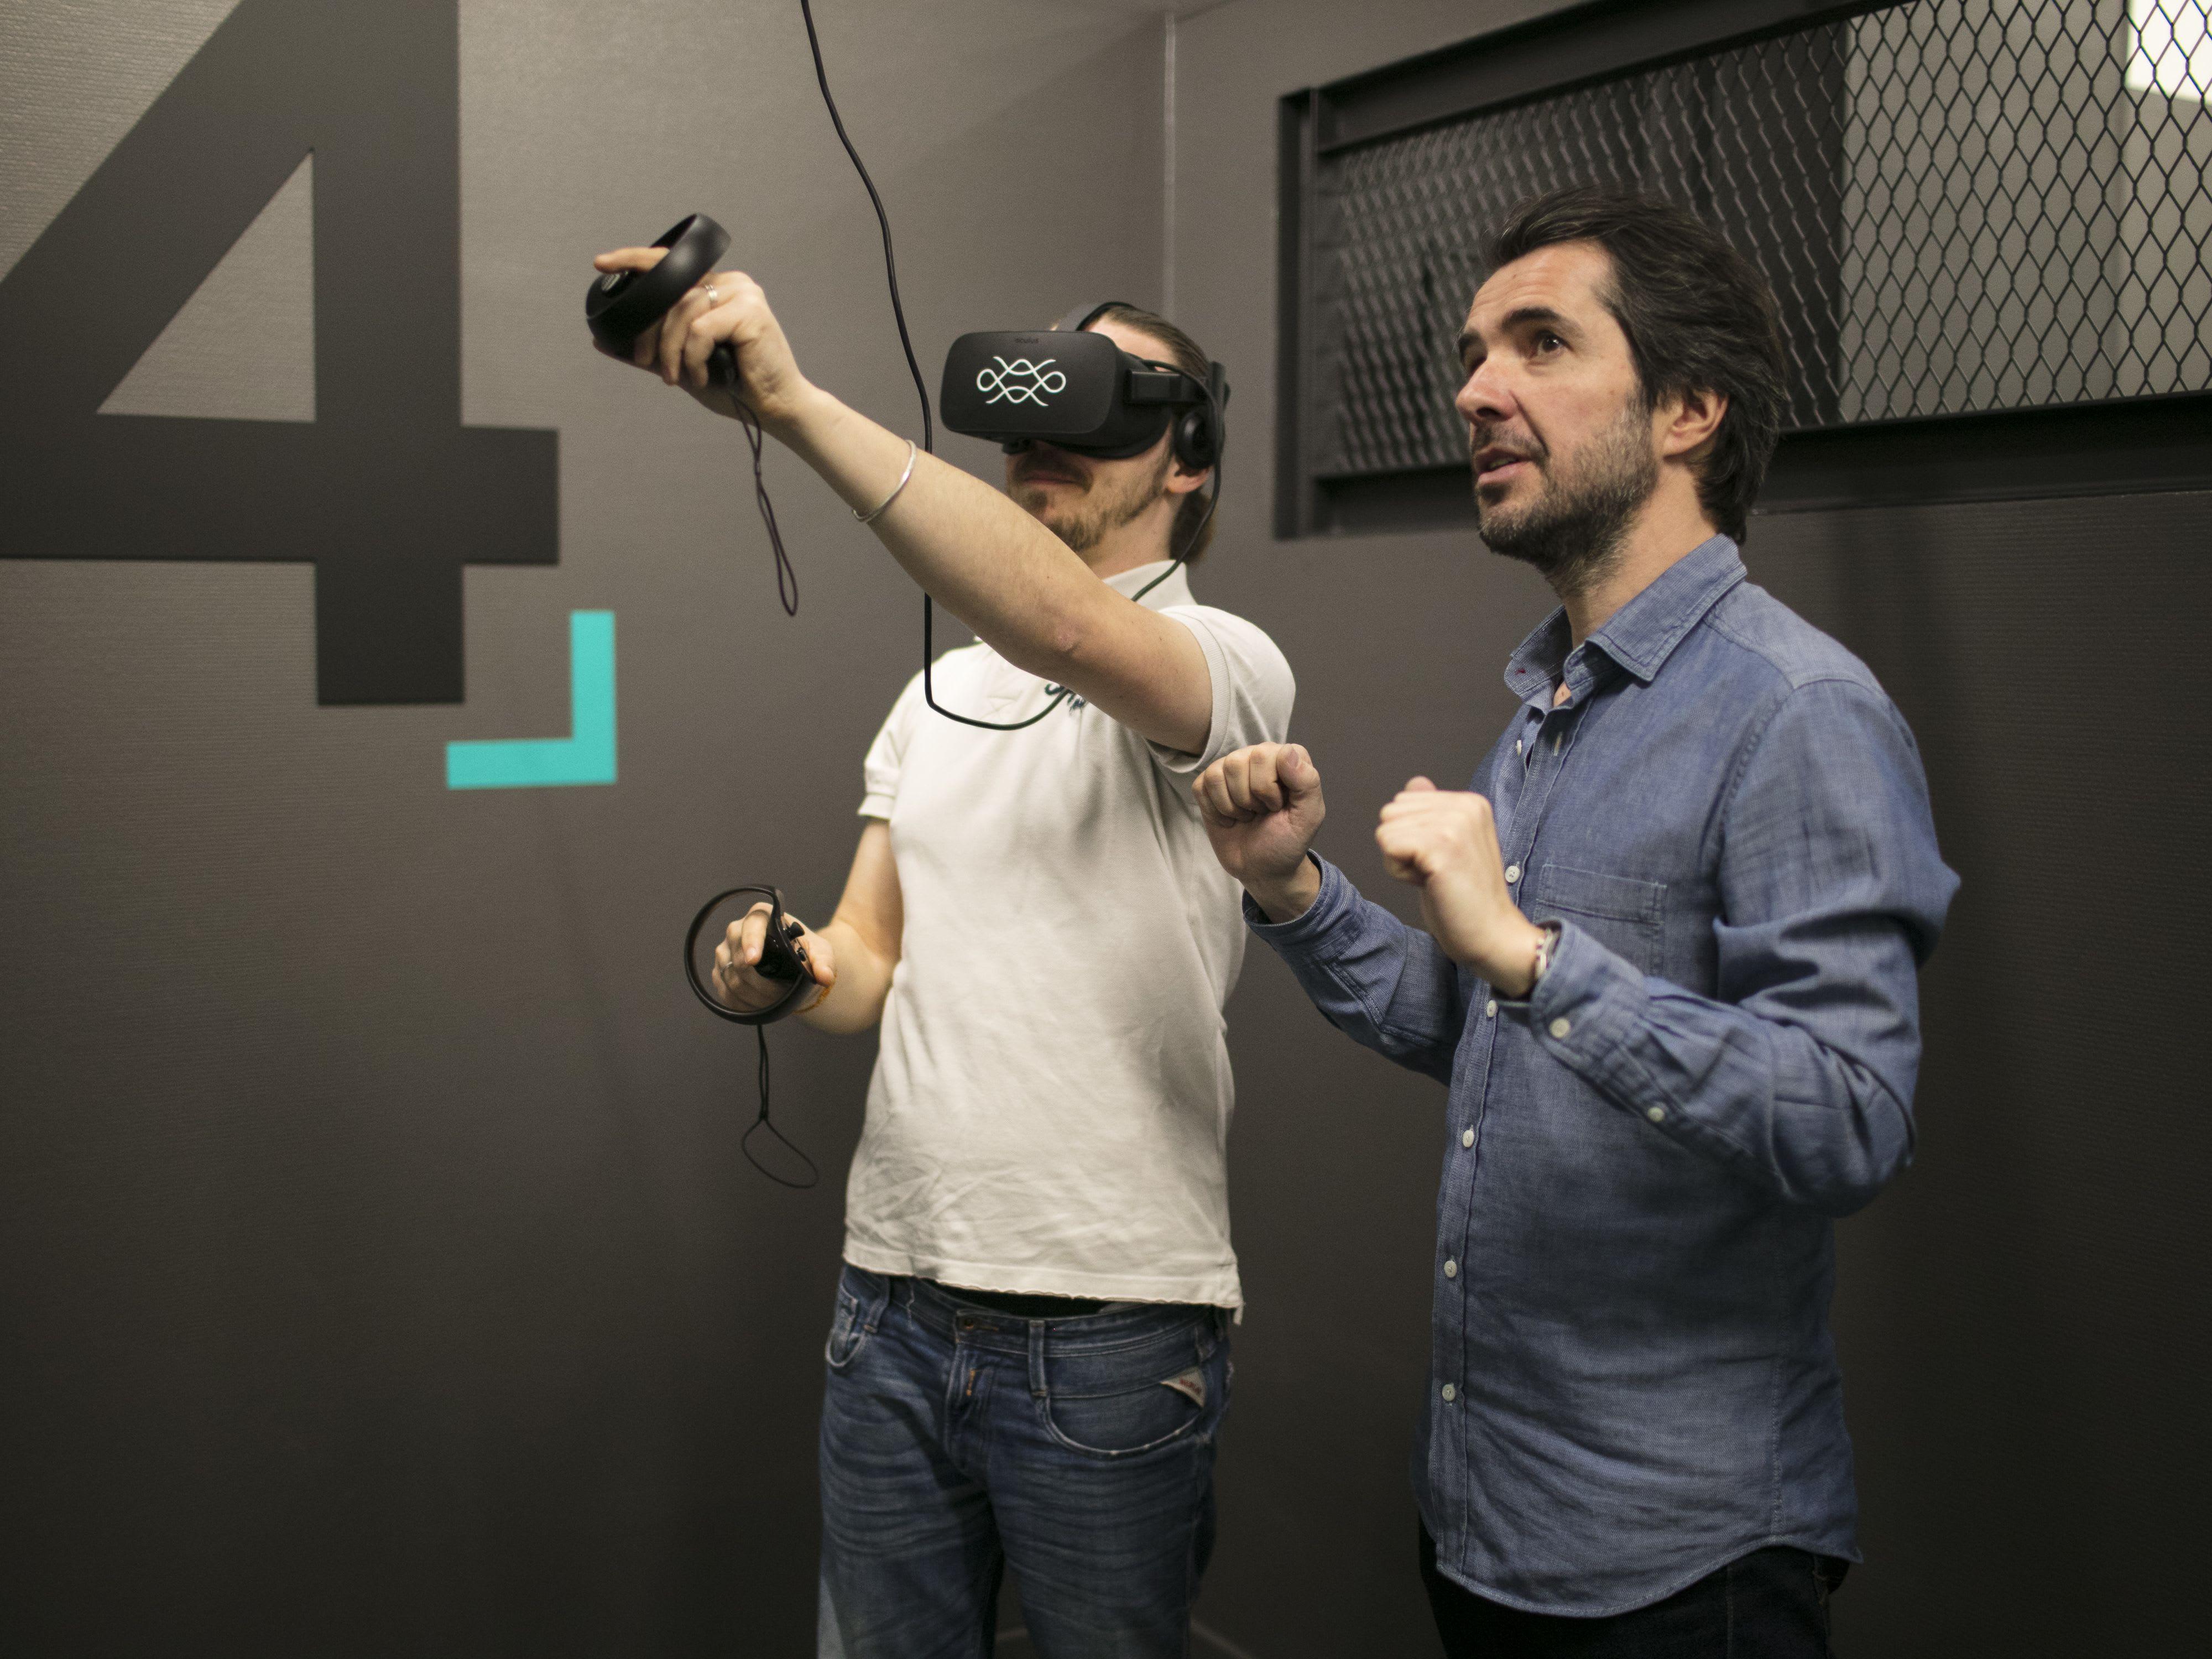 réalité virtuelle cadeau fete des peres